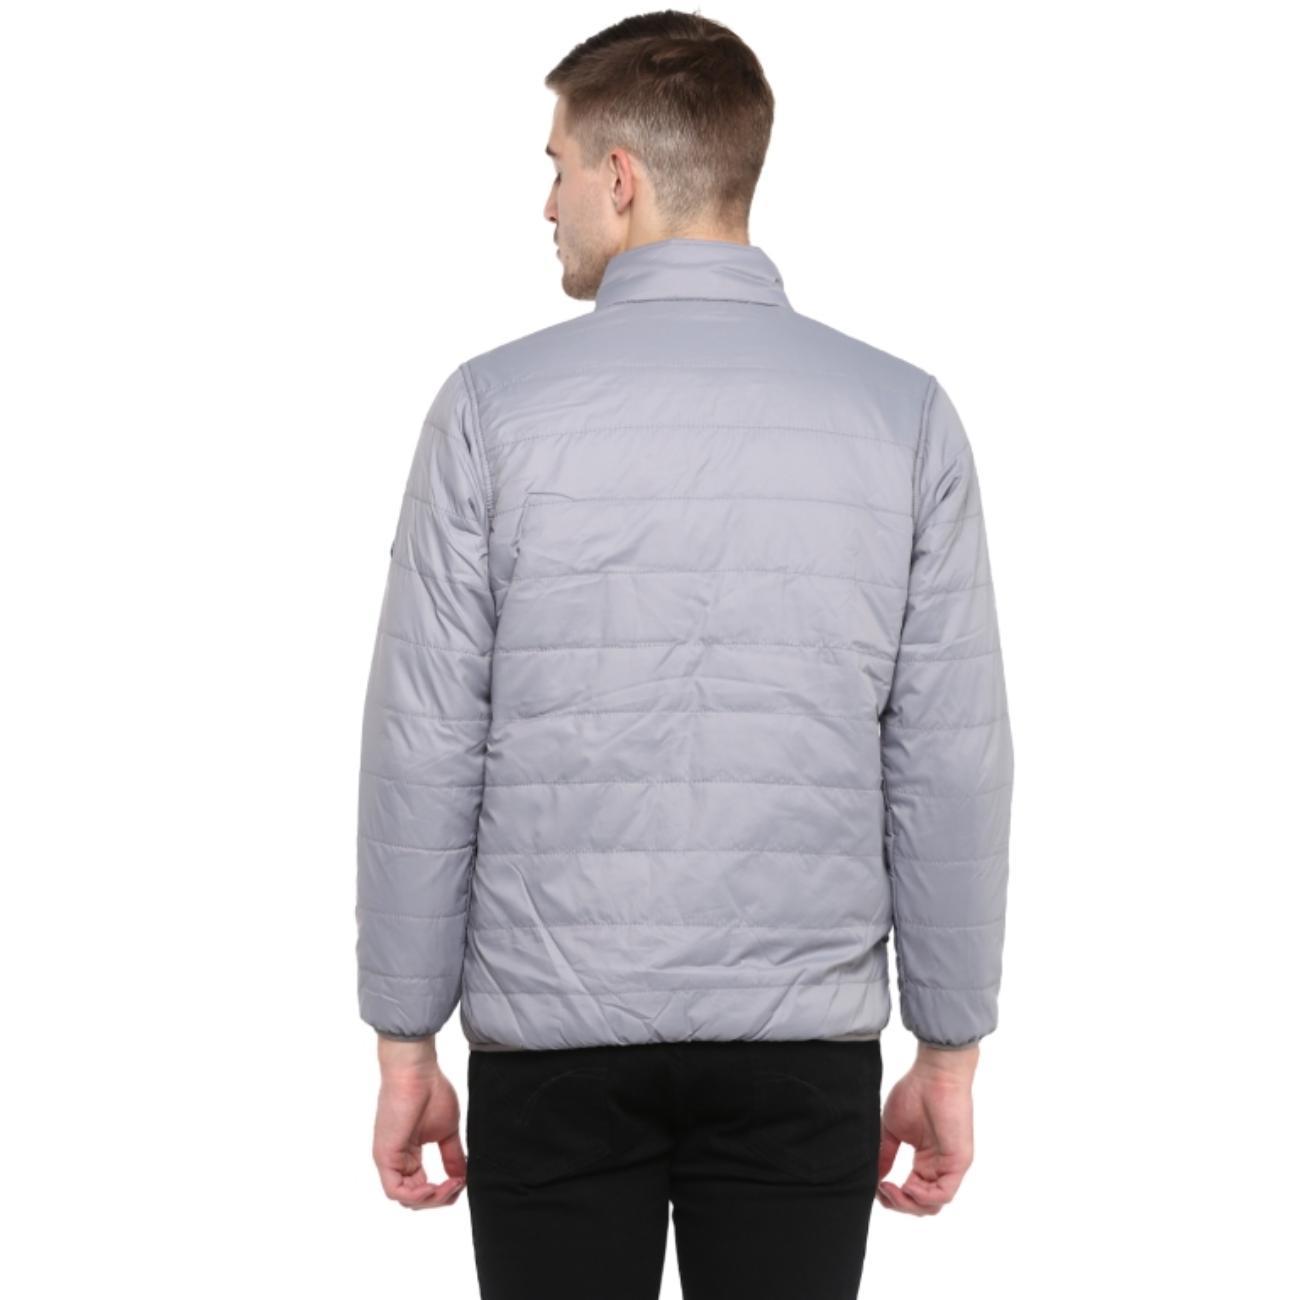 Shop Gray Jacket for Men Online